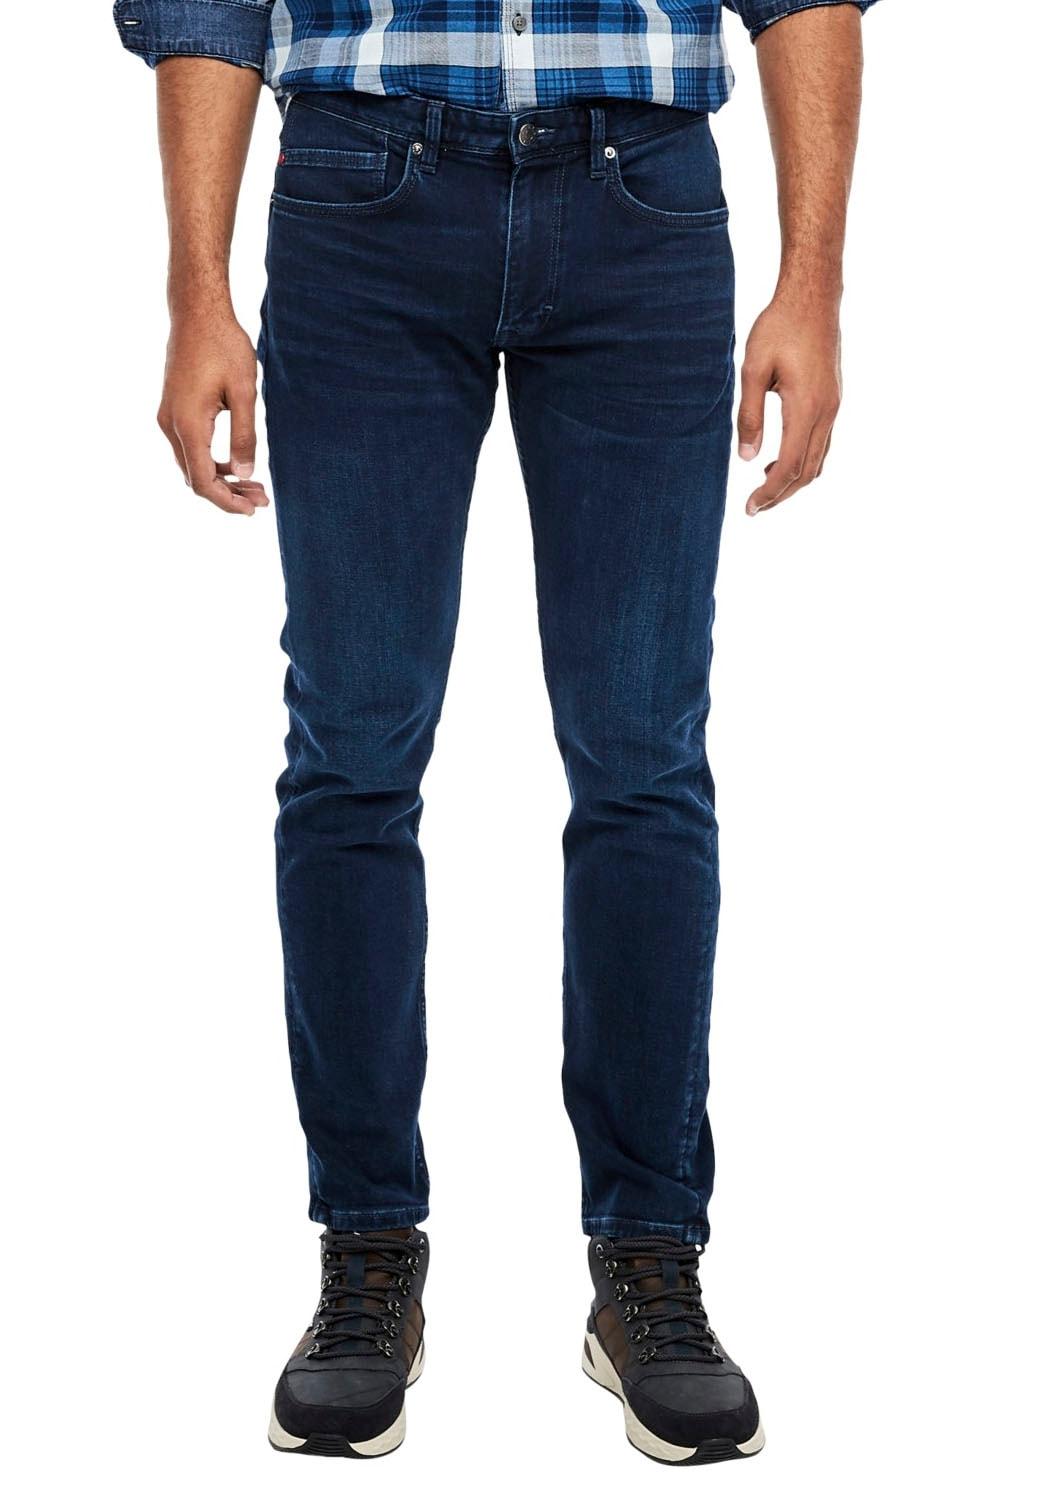 s.oliver -  Regular-fit-Jeans, mit authentischer Waschung